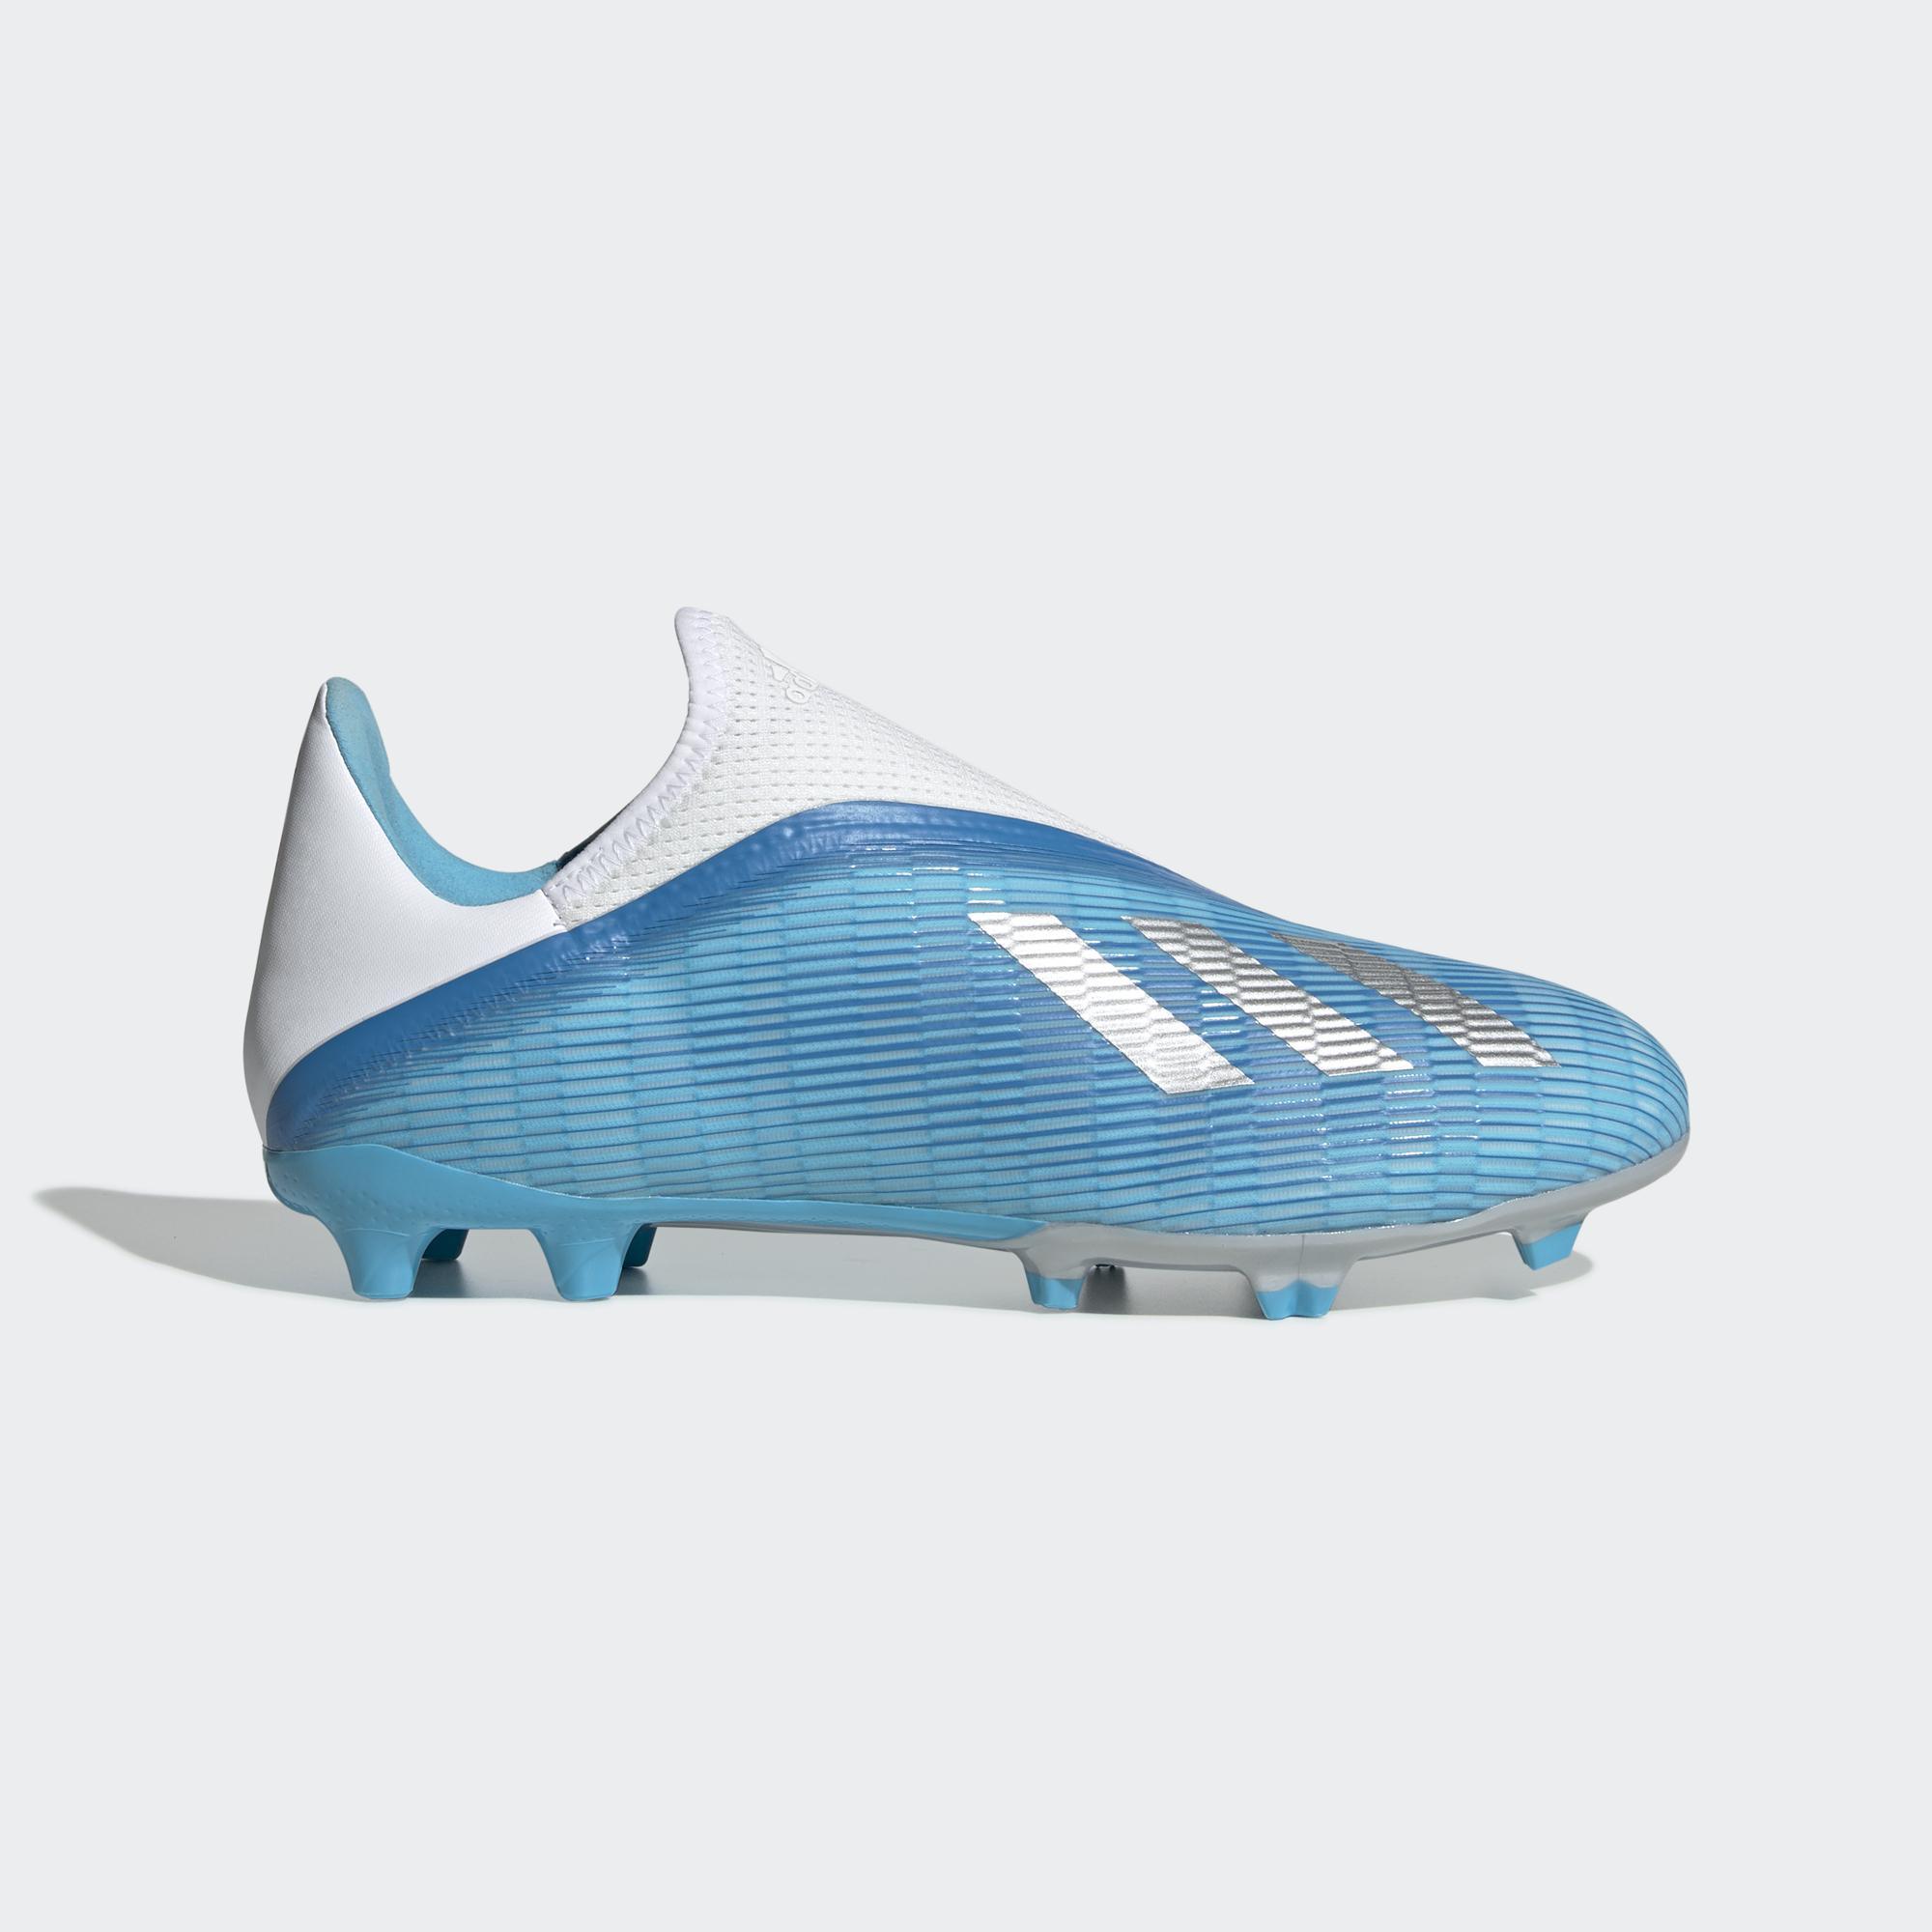 Adidas Scarpe Calcio X 19.3 Ll Fg